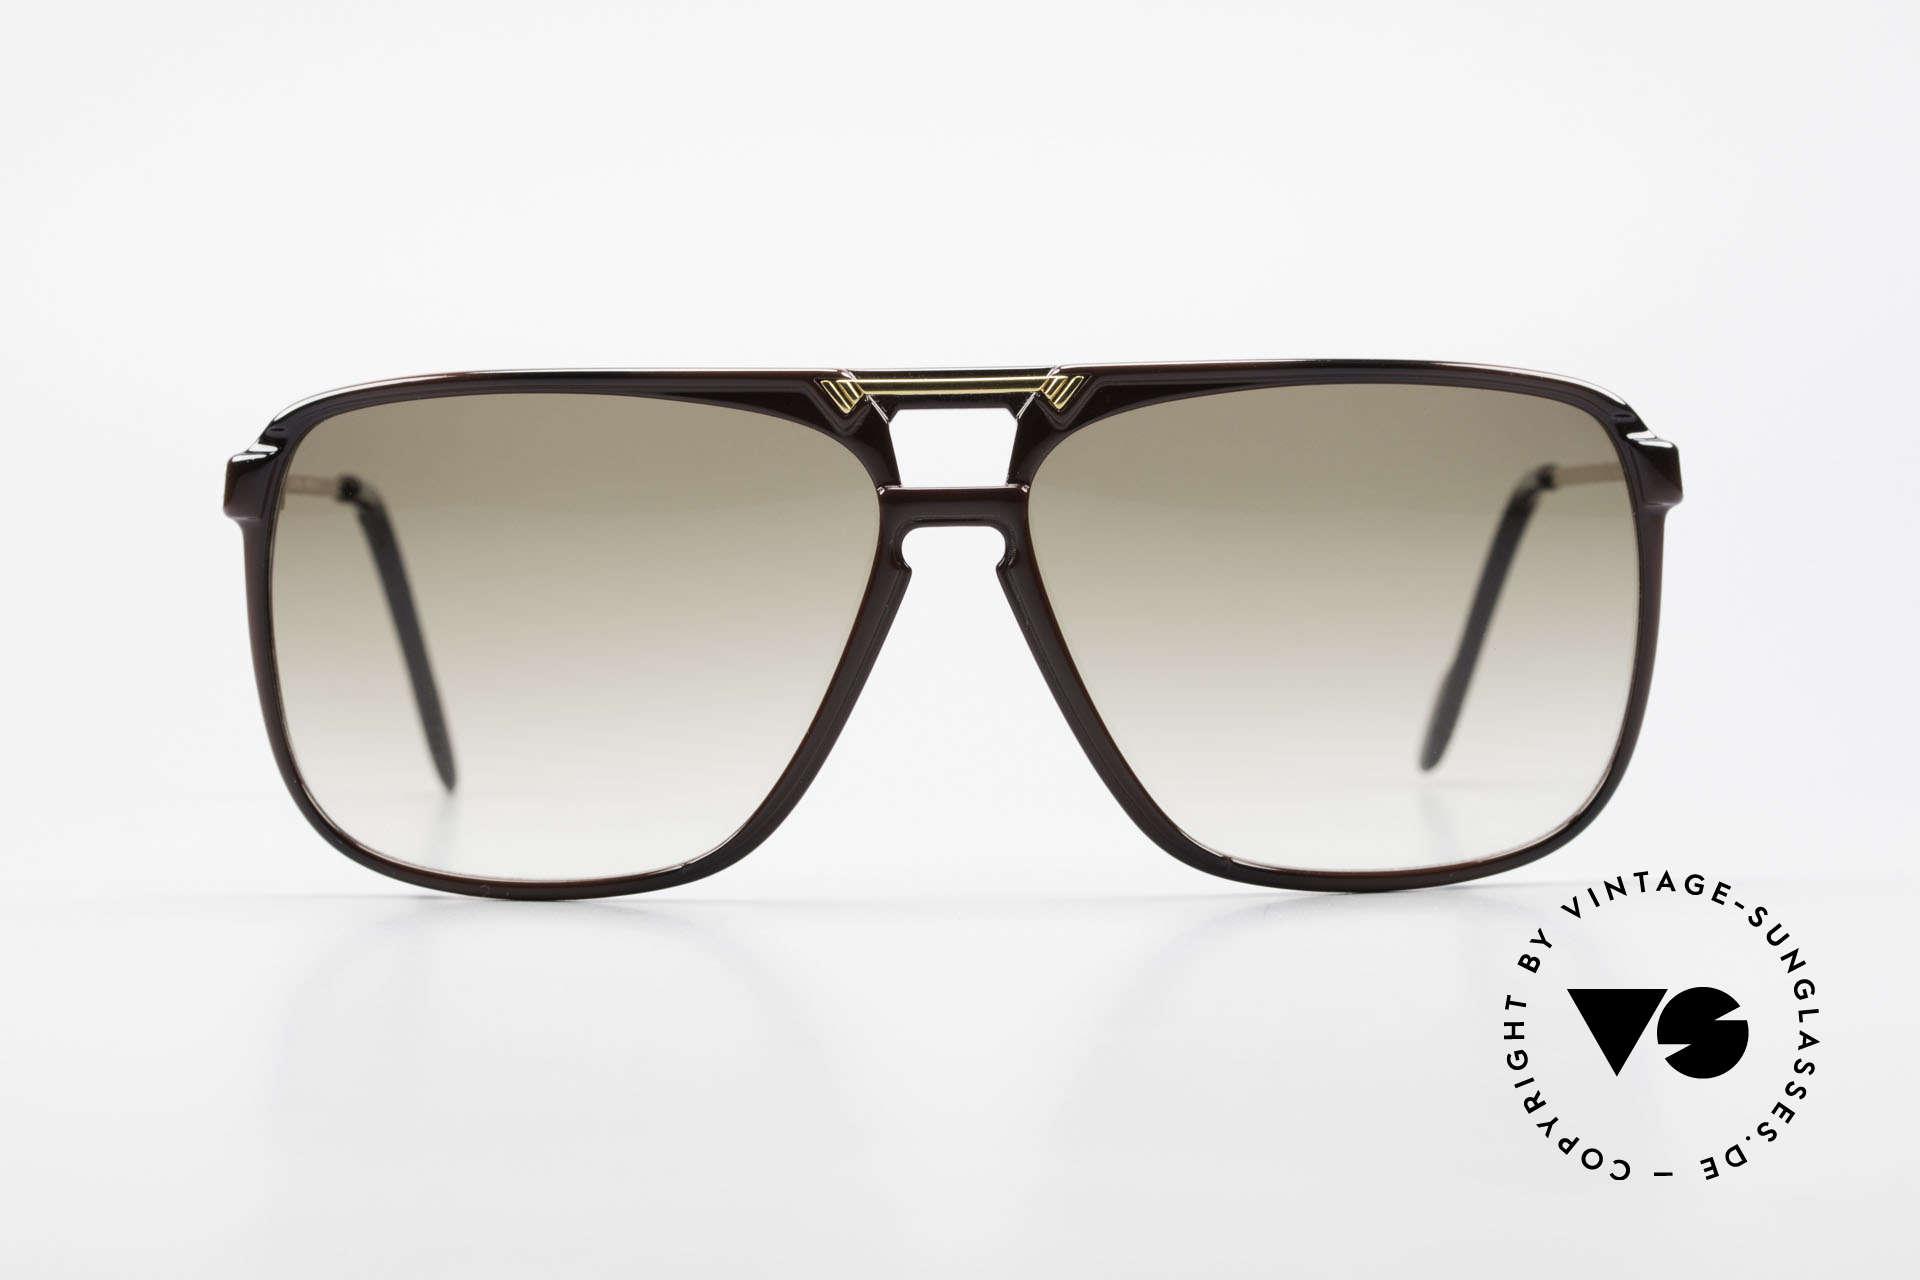 Ferrari F36/S Karbon Herren Sonnenbrille, Modell-Name:  F36/S, color 802, Größe 62/16, 140, Passend für Herren